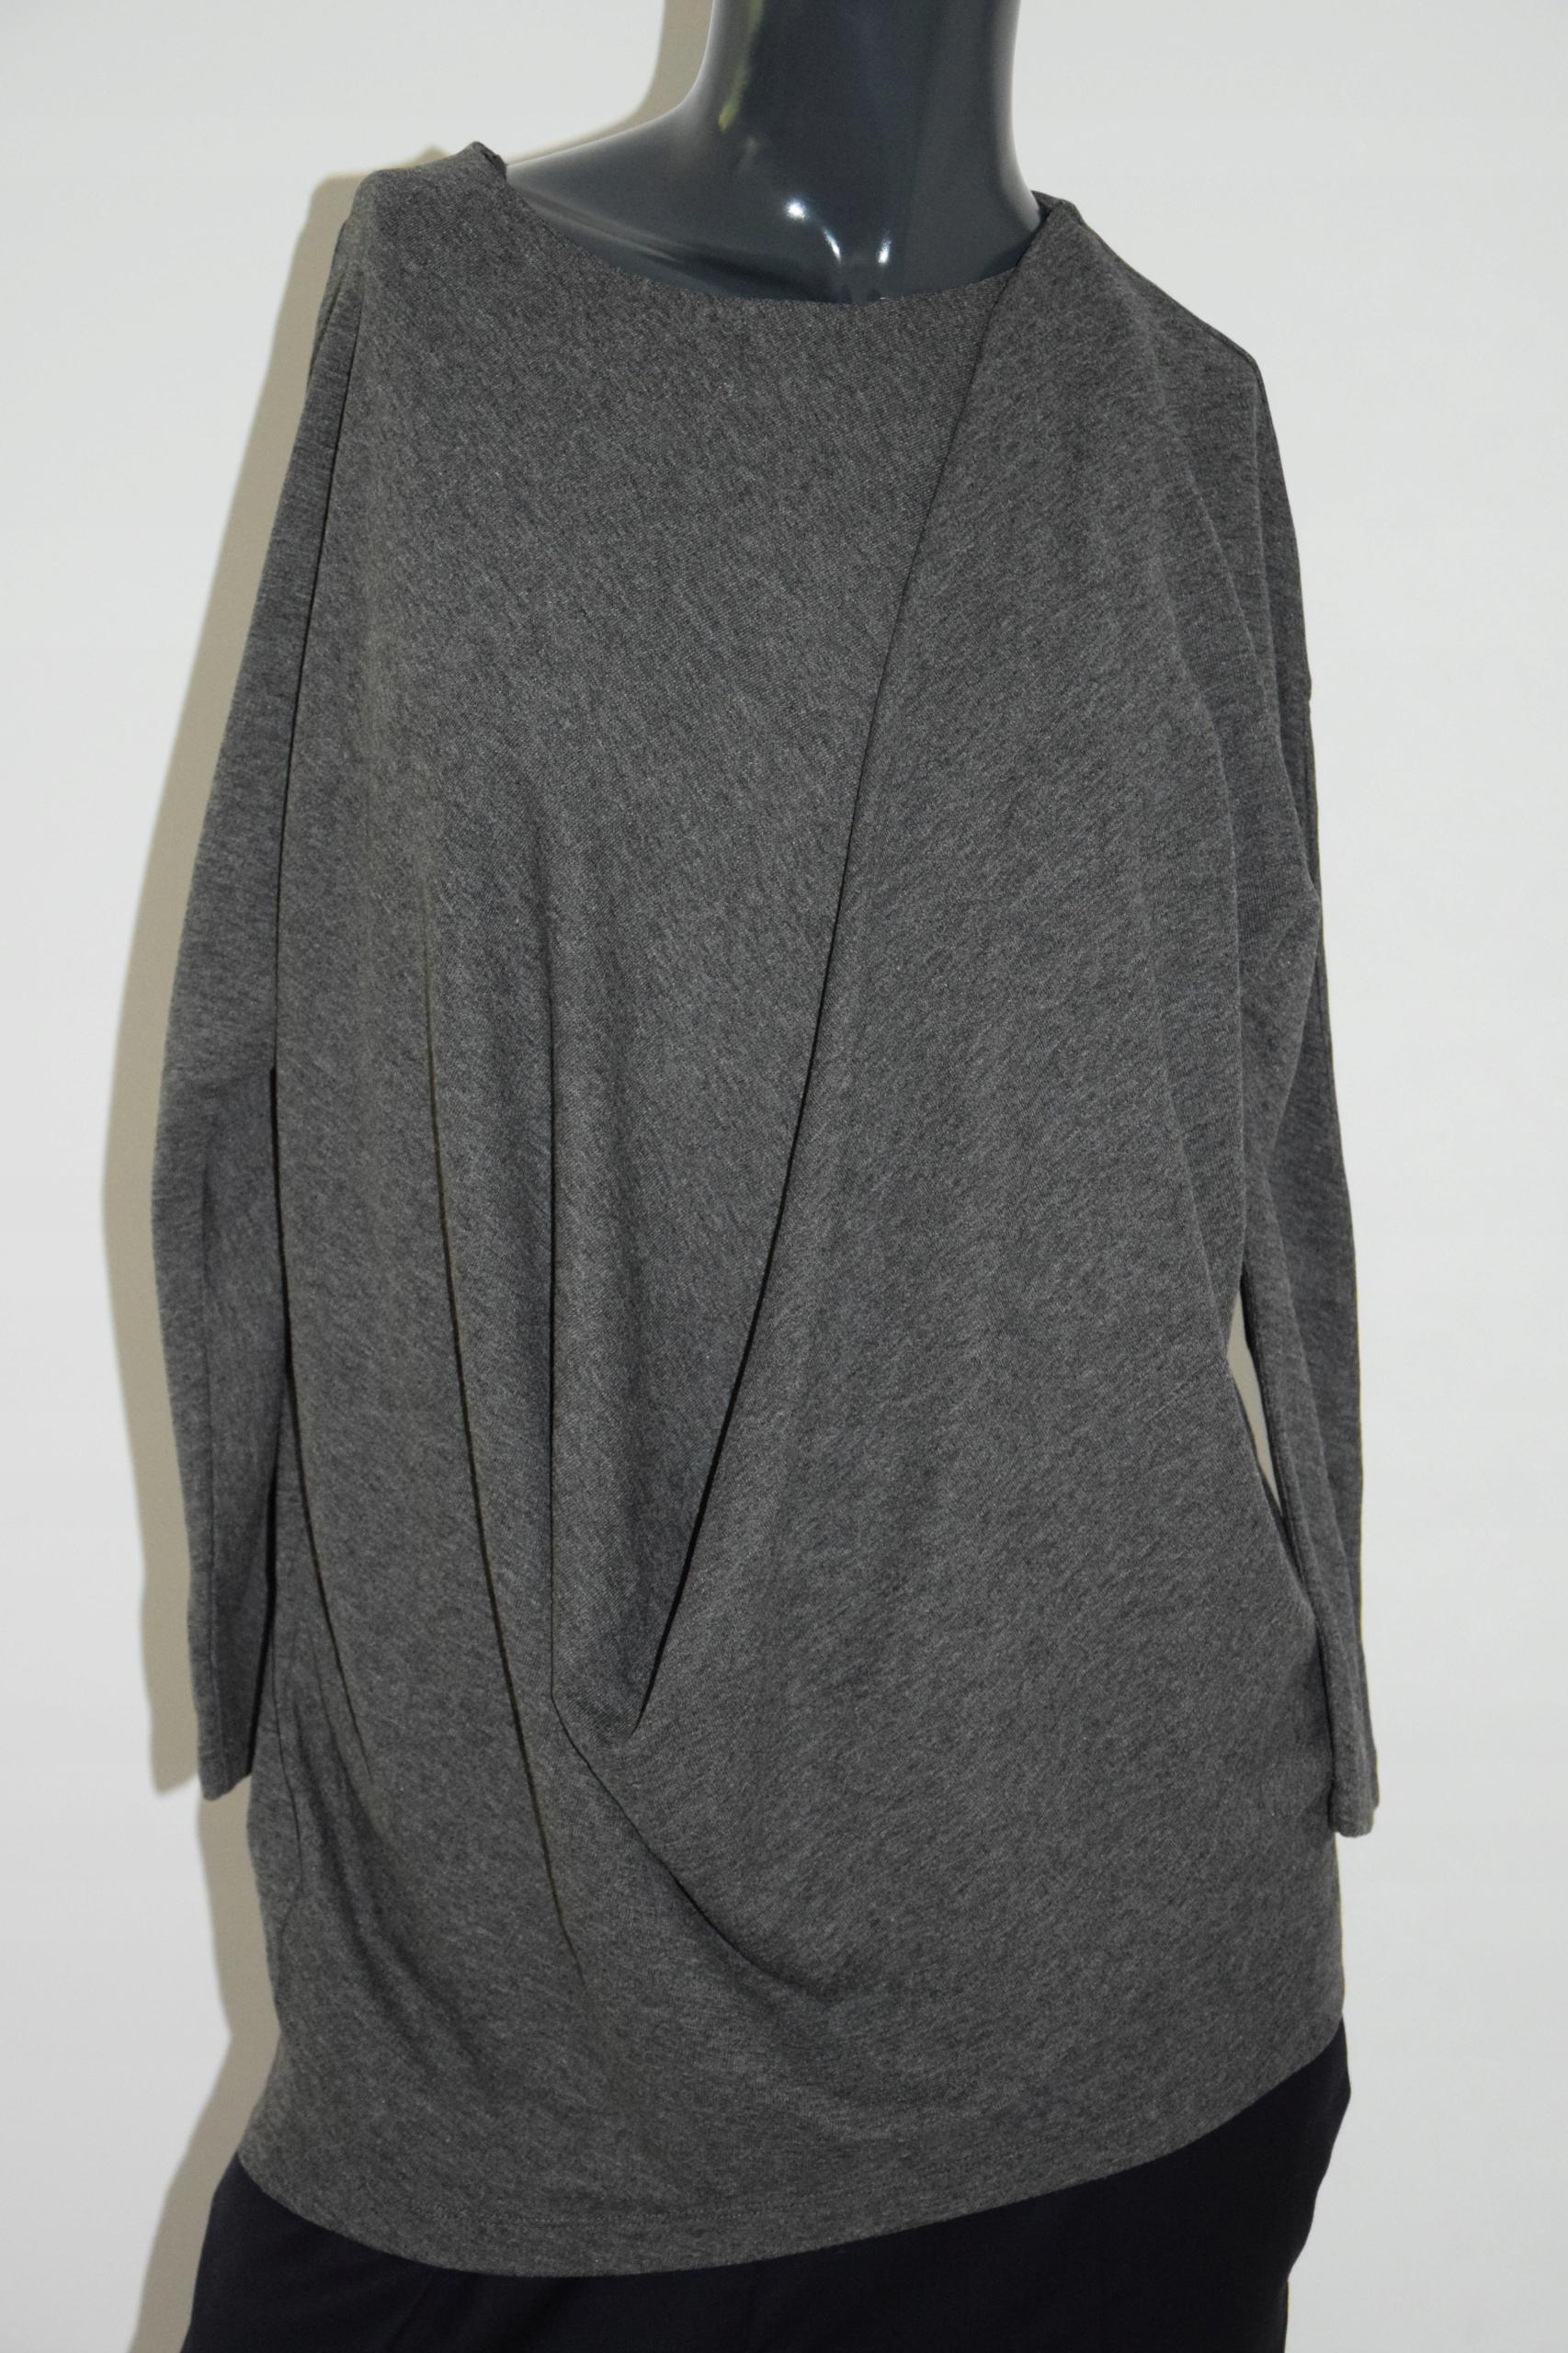 cos szara bluzka drapowanie wiskoza melanż XS/S 34